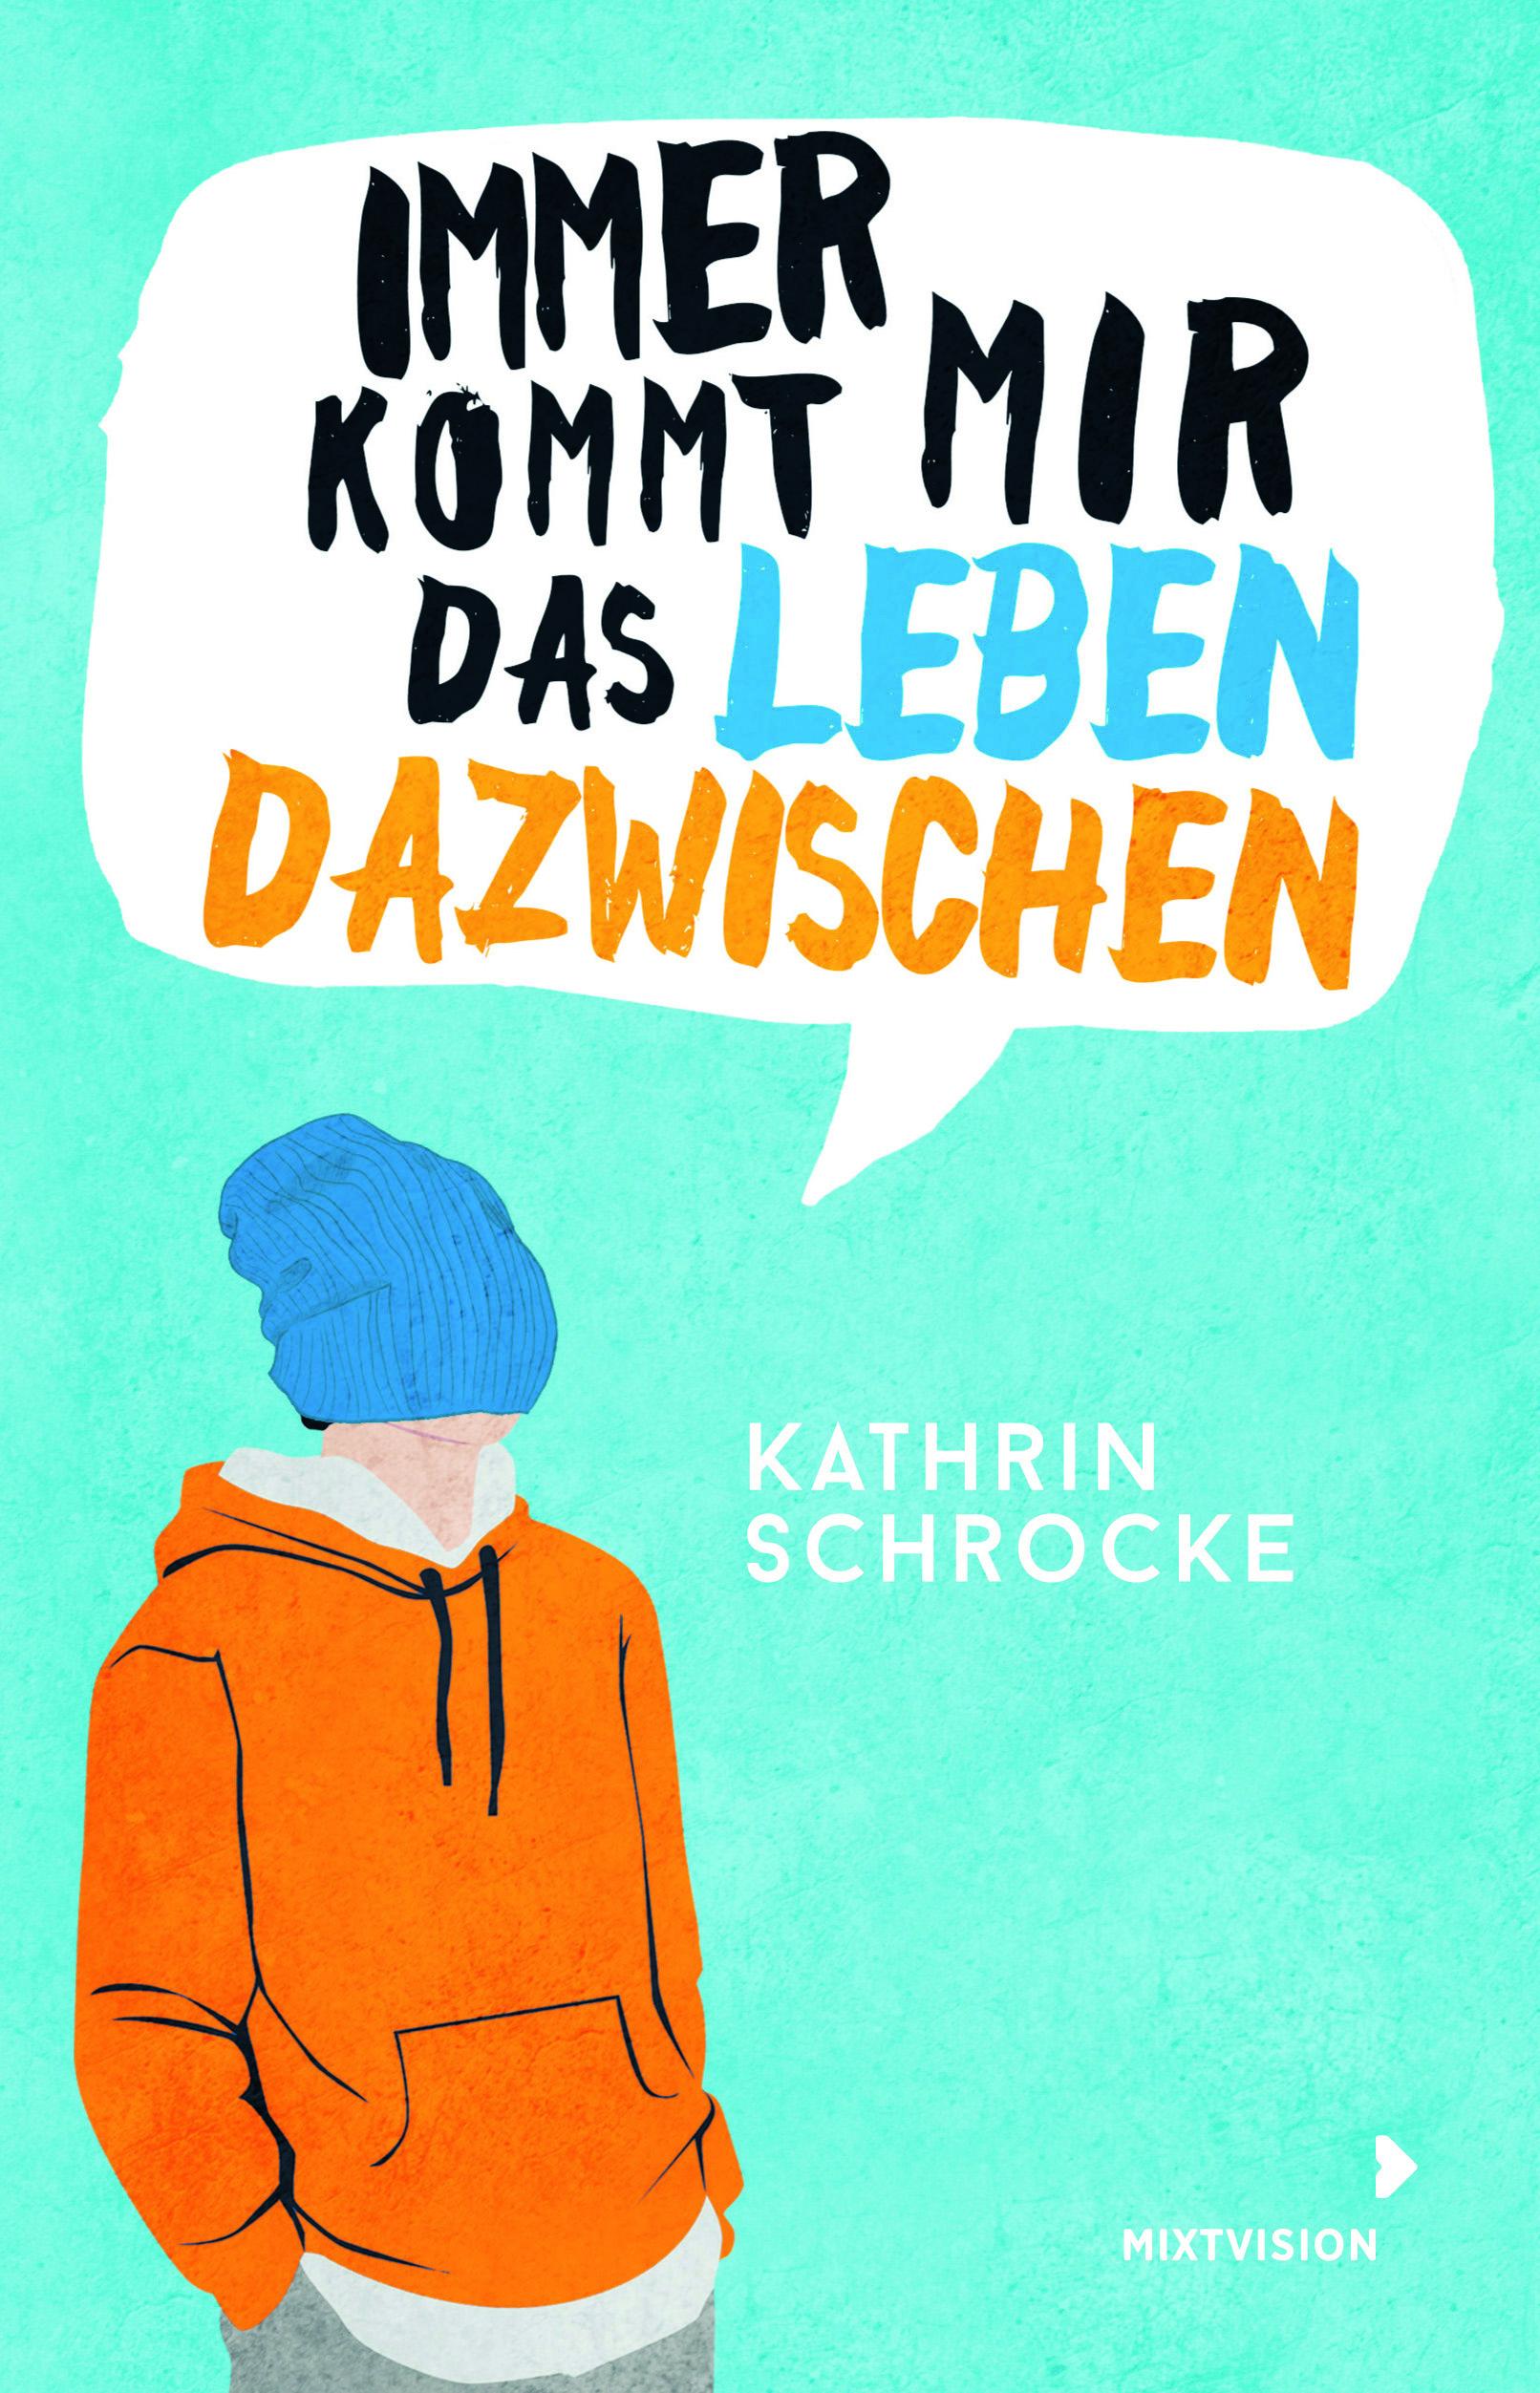 https://mixtvision.de/files/produkte/prod-book-7390/downloads/coverfoto/95854-142-9_Schrocke_LebenDazwischen_HC_RZ_300dpi.jpg